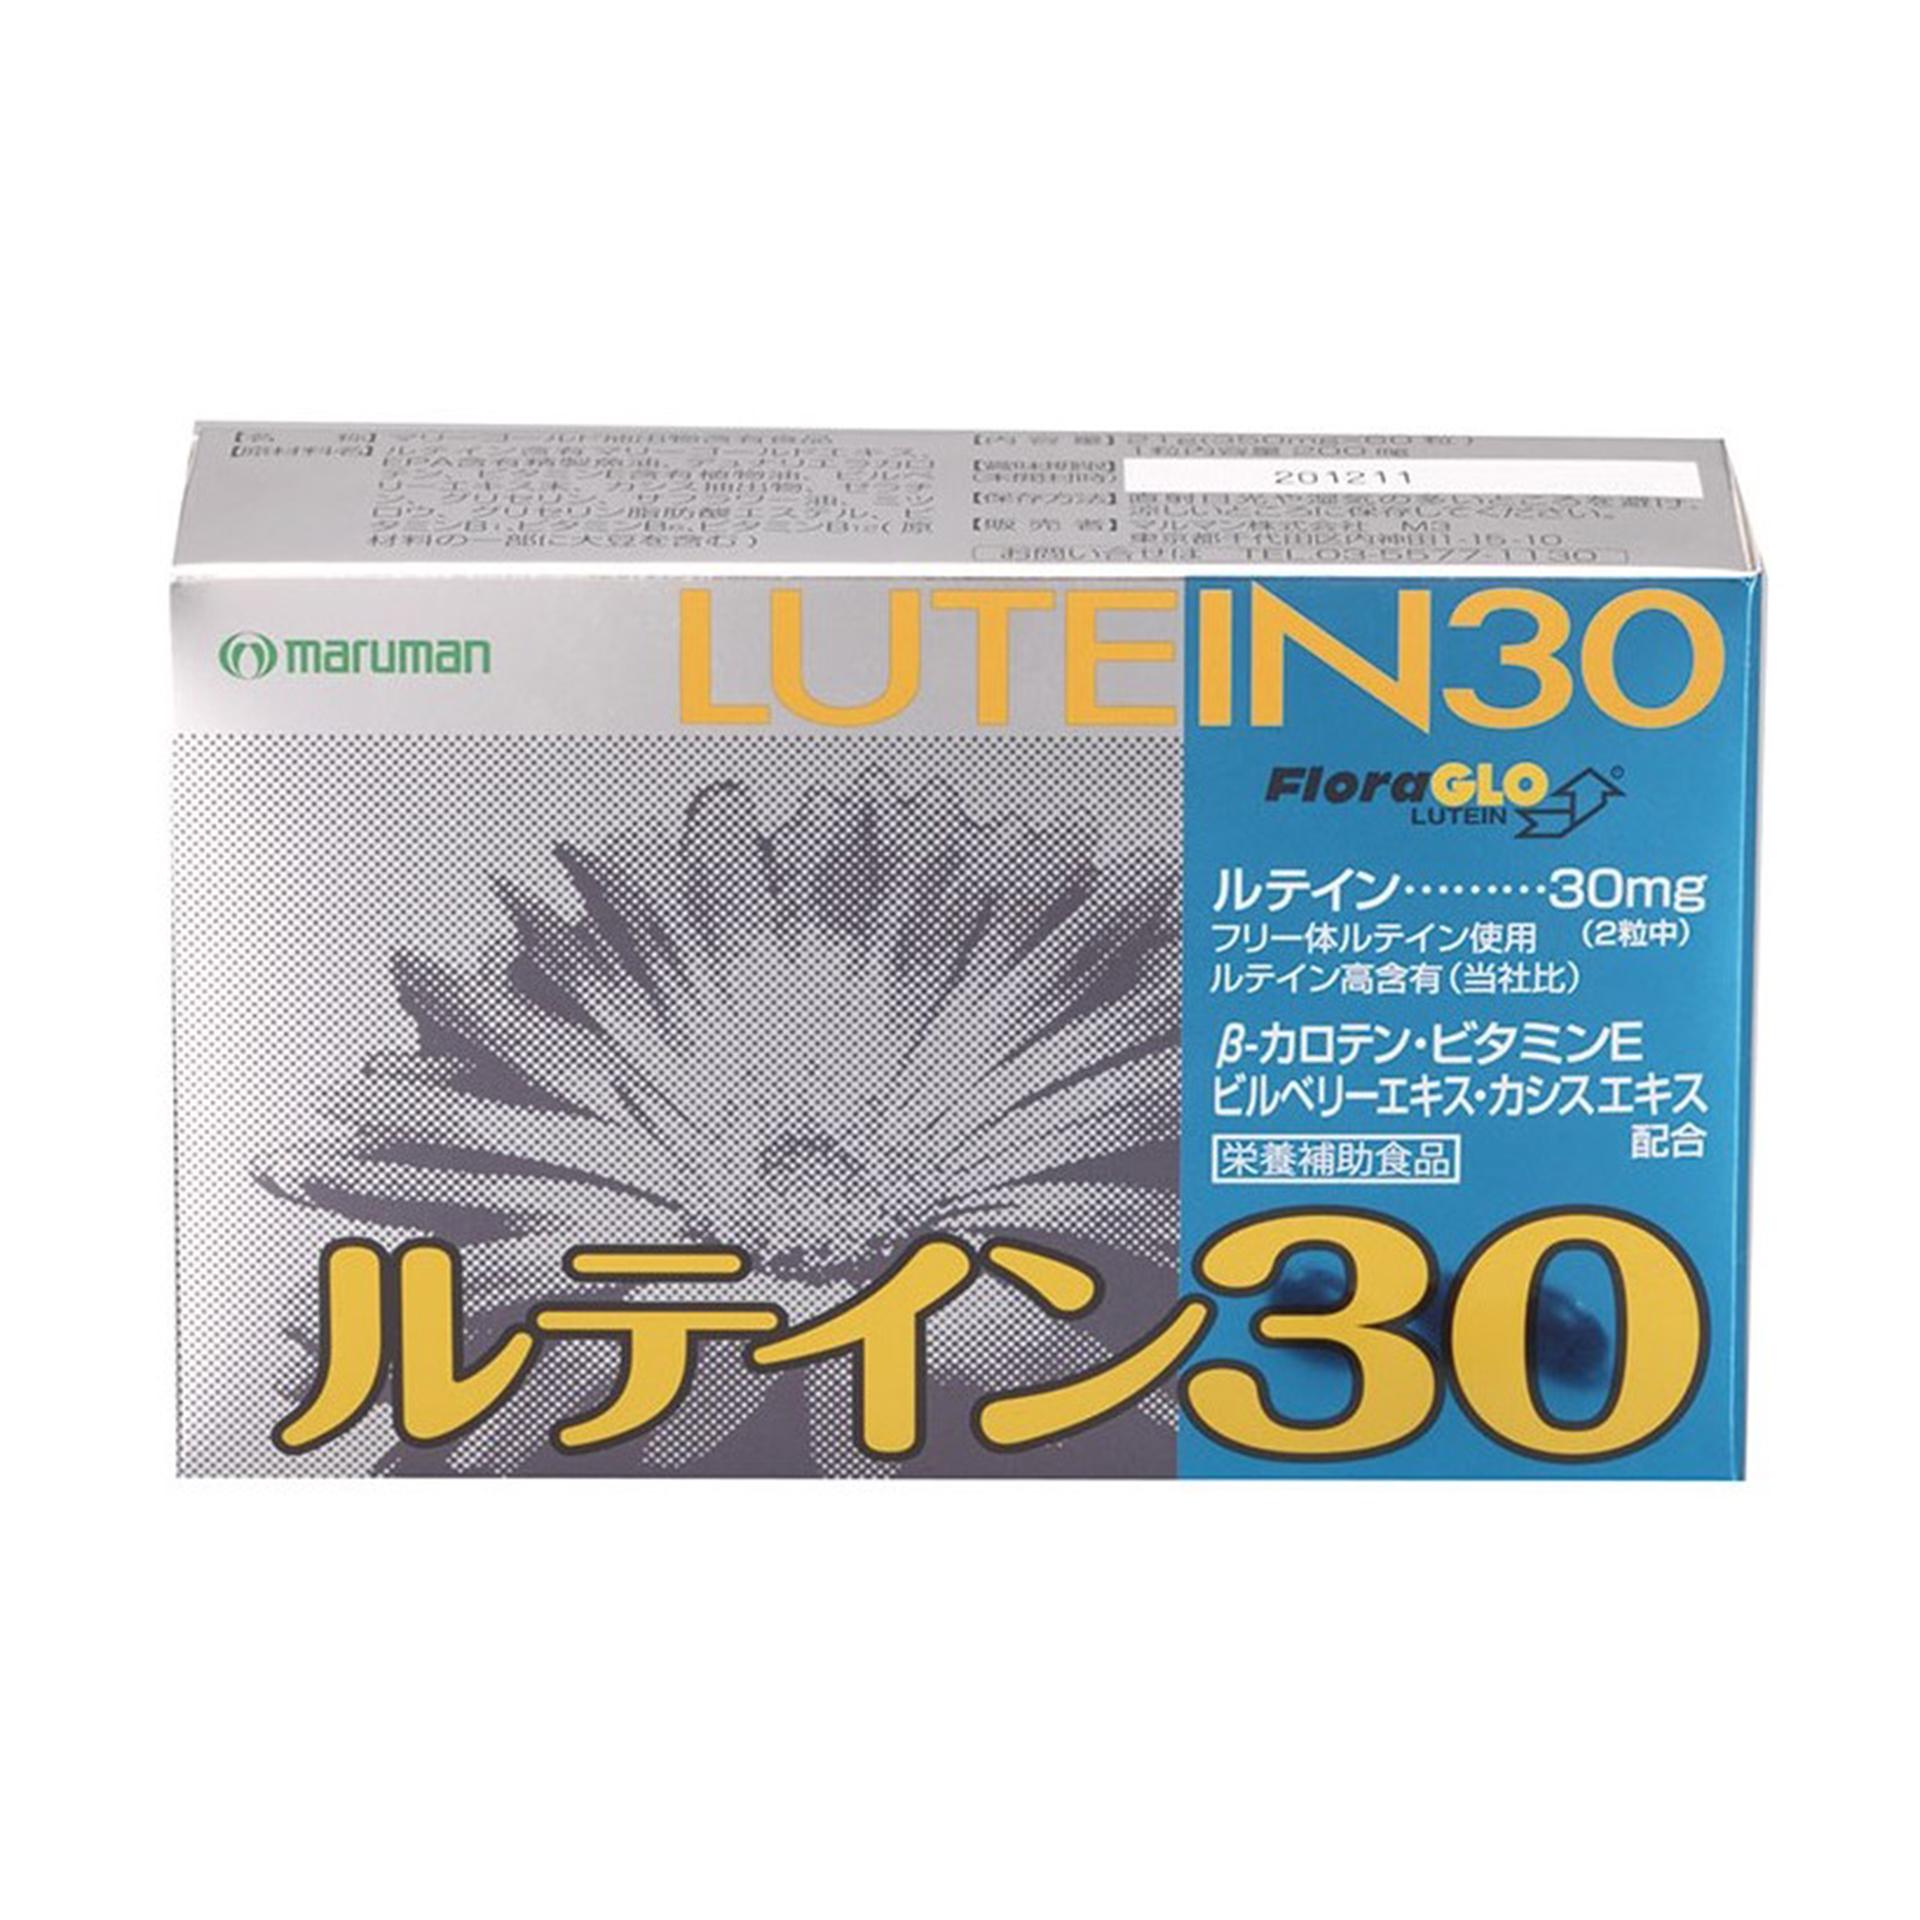 【定期購入】【ルテイン30】 ルテイン30㎎配合